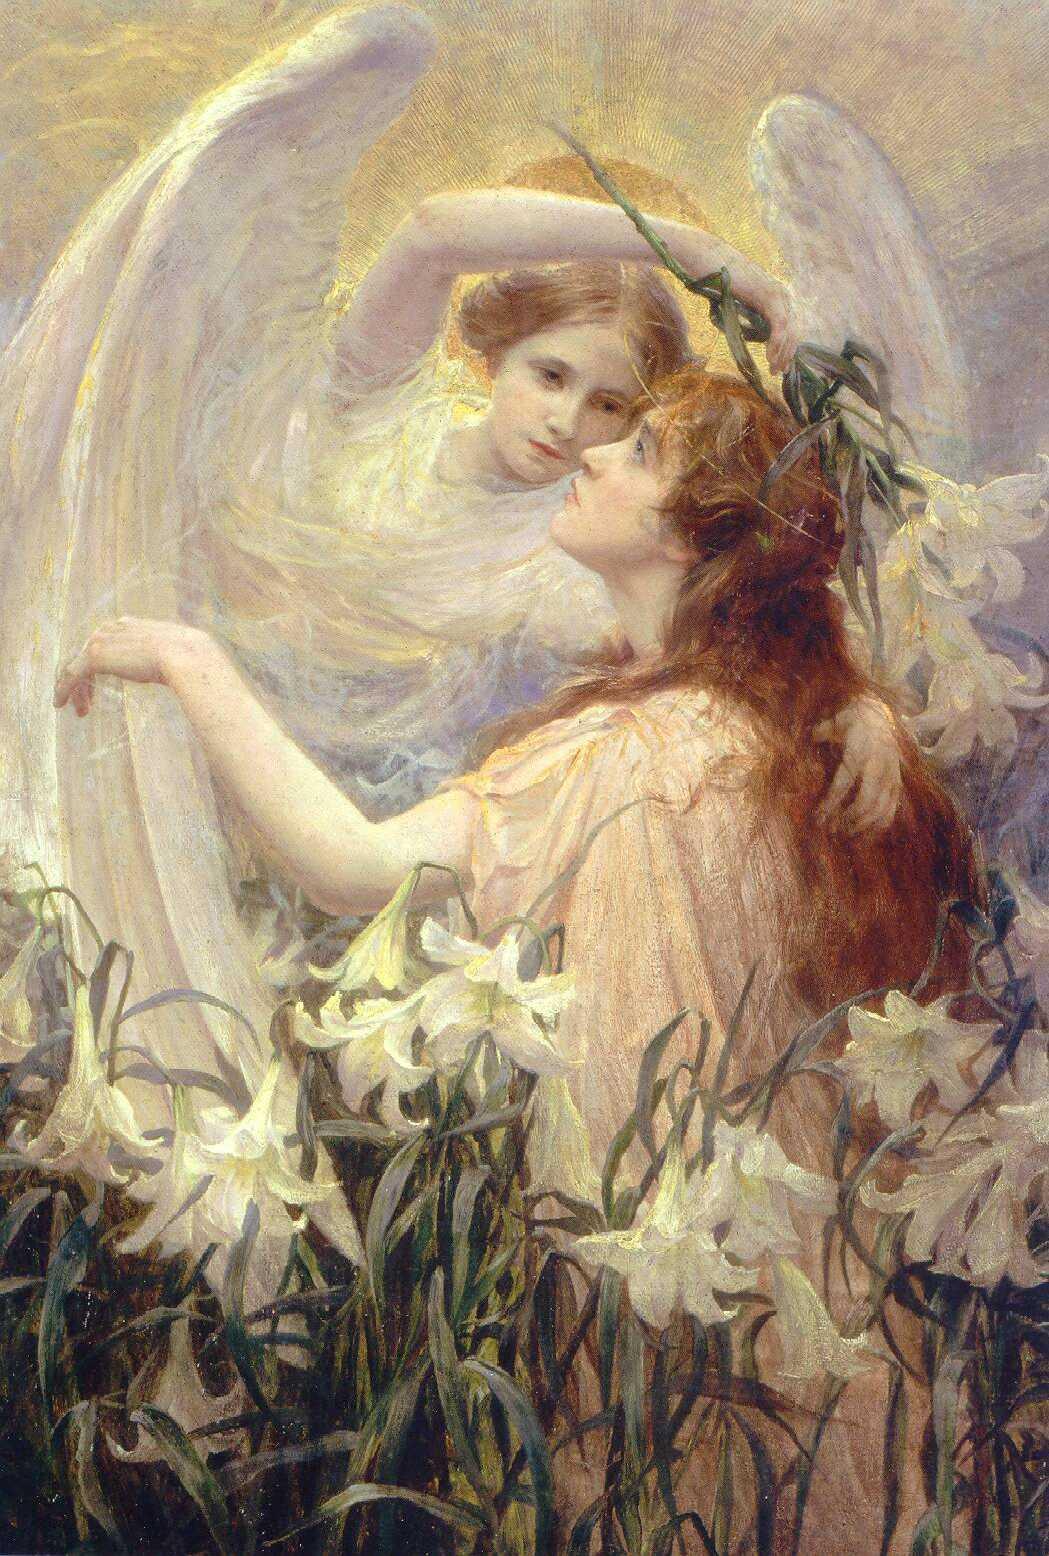 Ange de l'amour site de rencontre